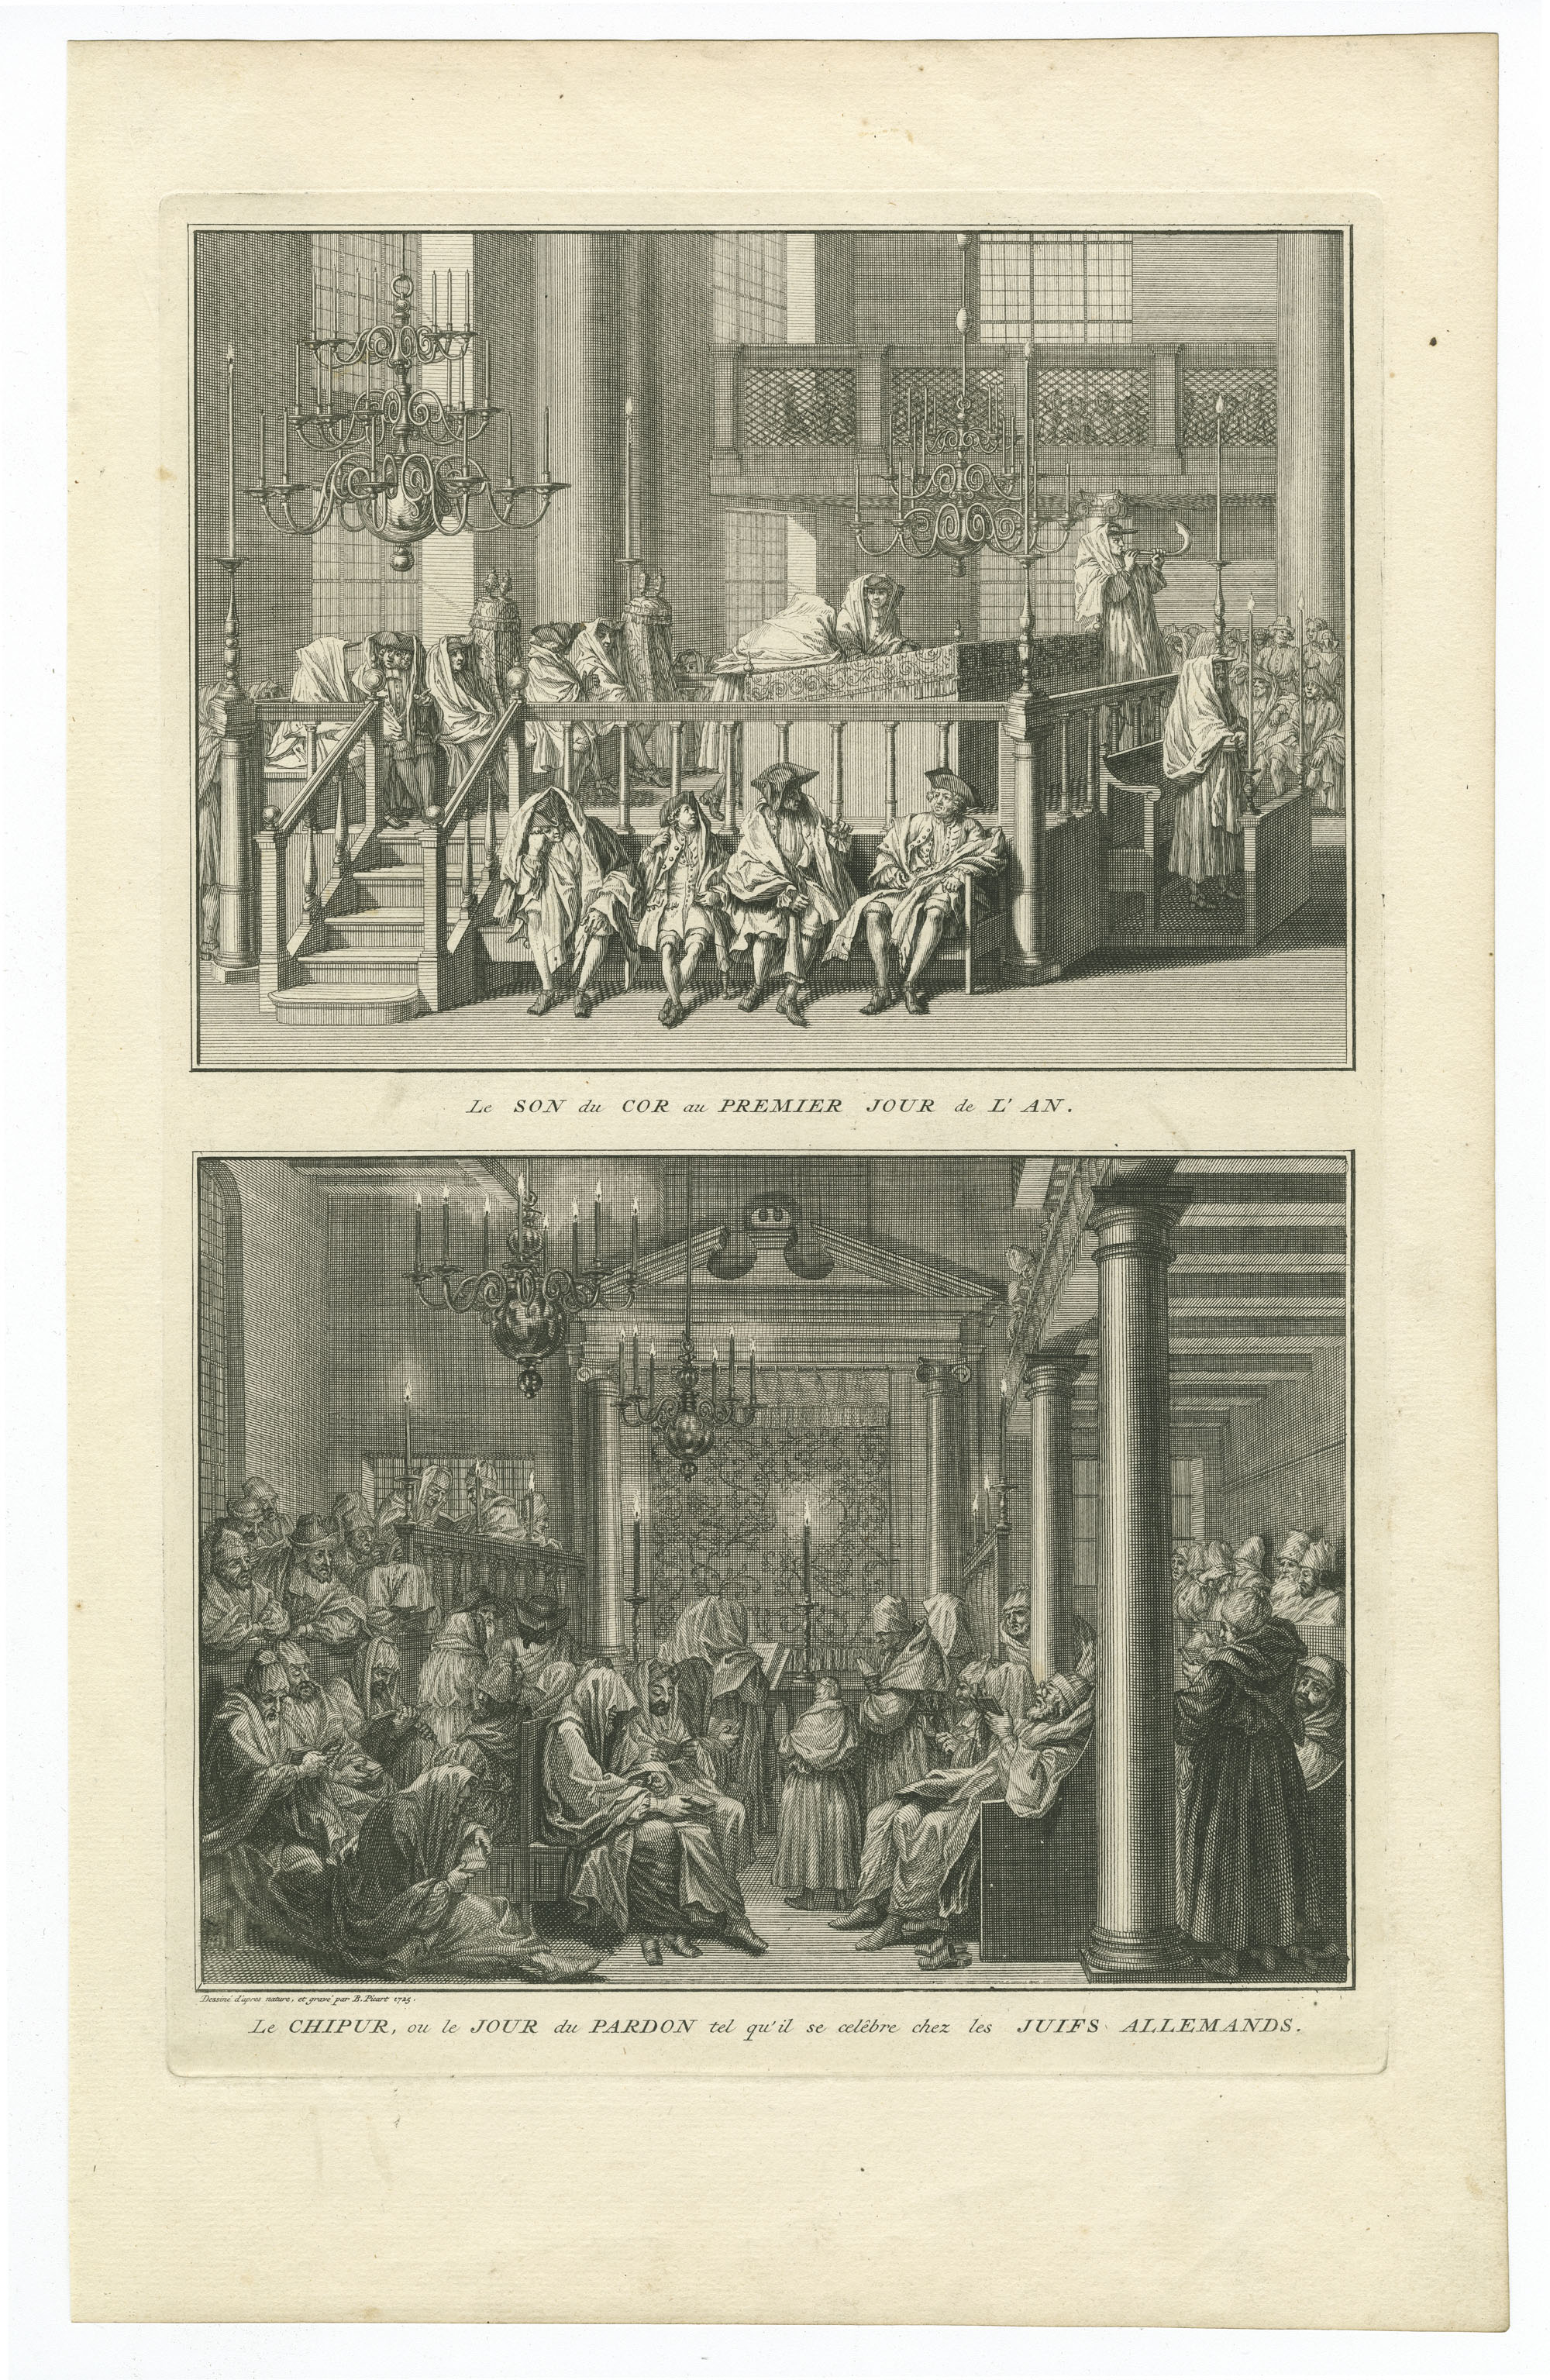 Le Son du Cor au Premier Jour de l'An / Le Chipur, ou le Jour du Pardon tel qu'il se celêbre chez les Juifs Allemands